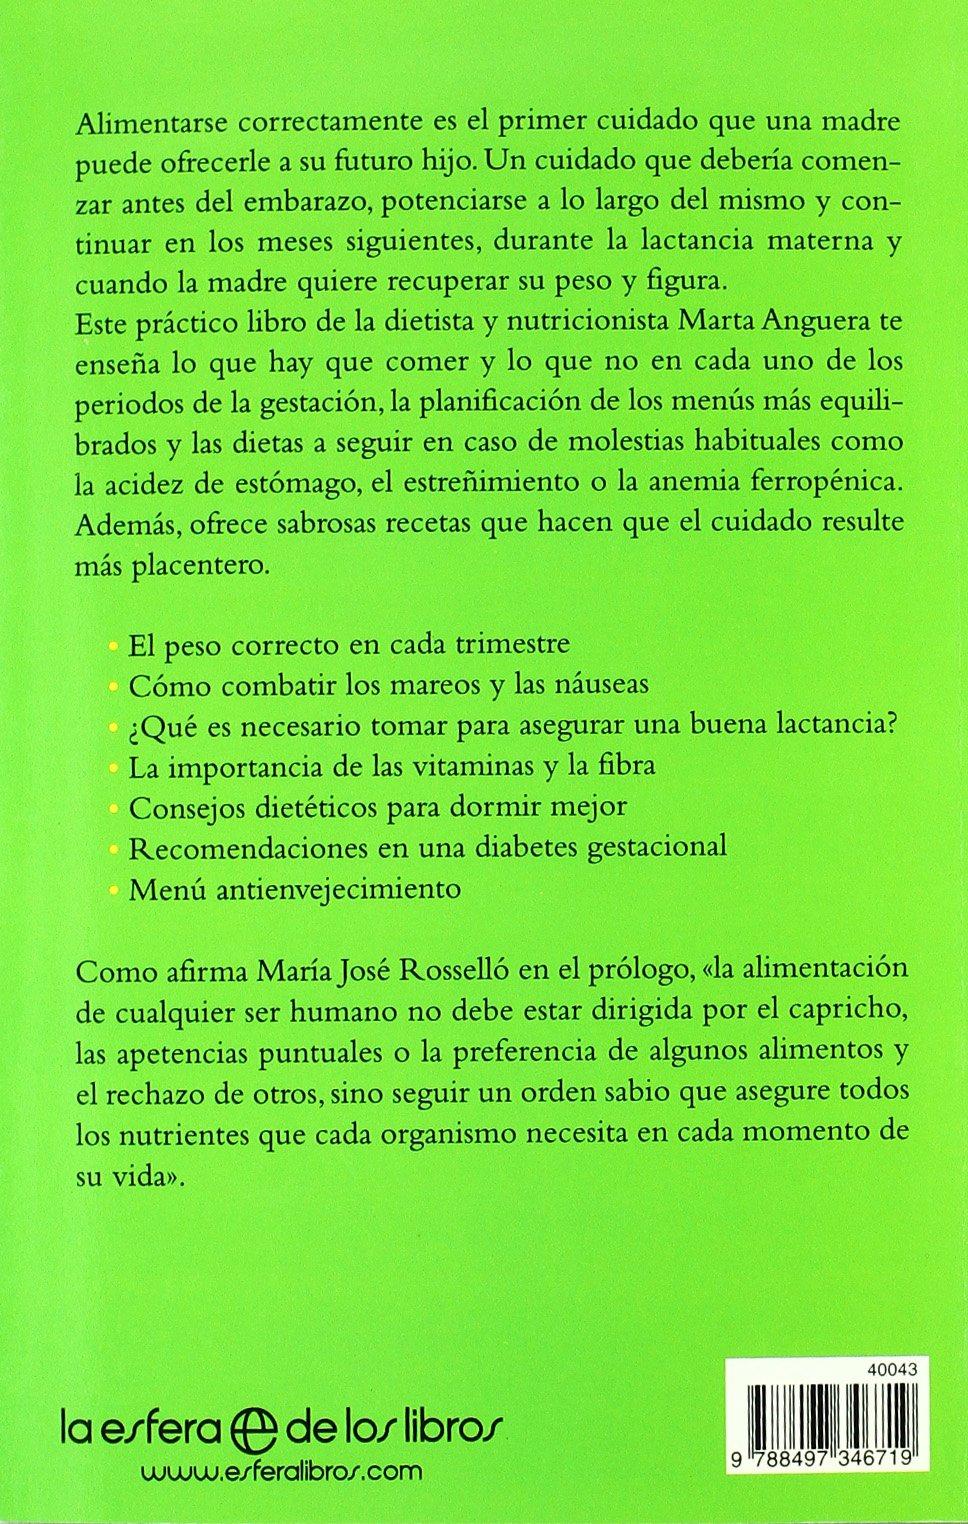 Dietas para embarazadas: Amazon.es: Marta Anguera: Libros